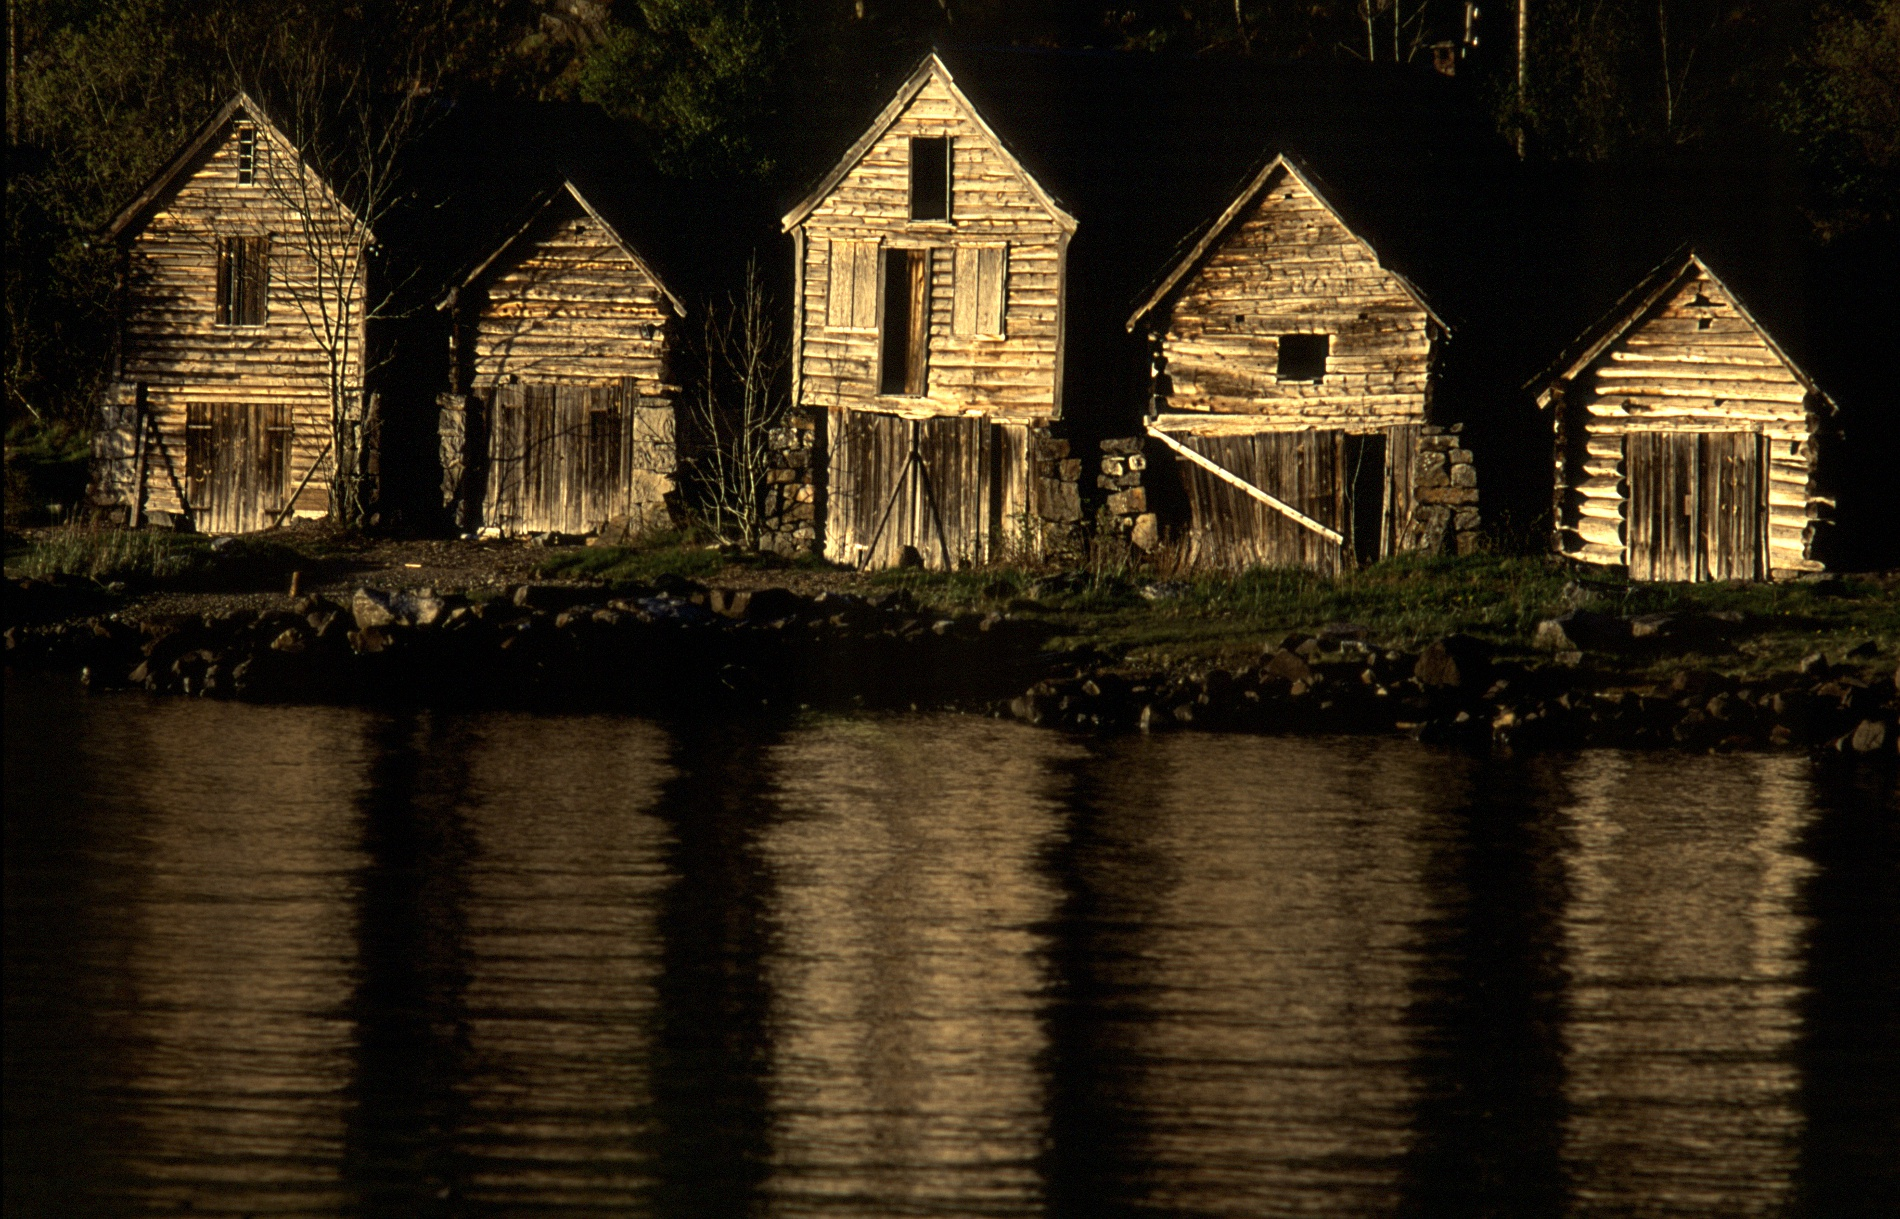 fotoreise im fr hling in die fjorde norwegens. Black Bedroom Furniture Sets. Home Design Ideas